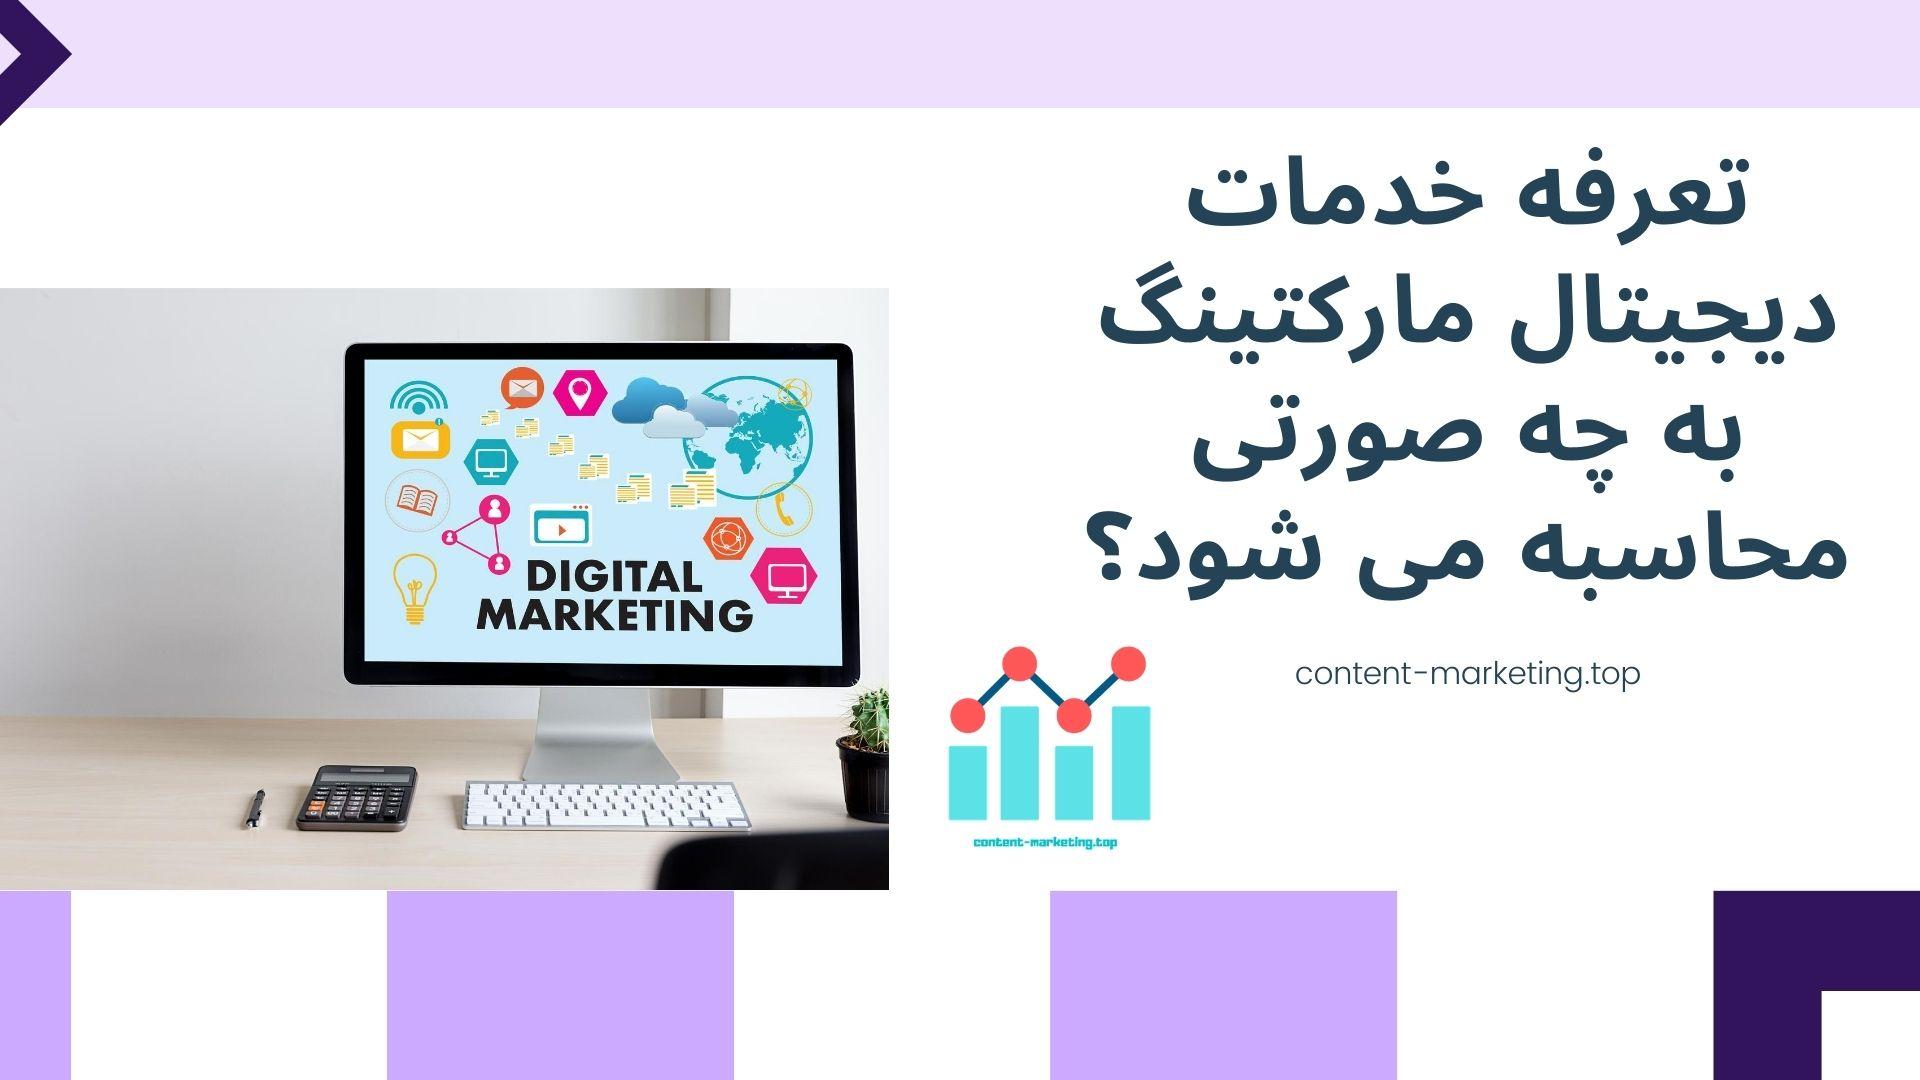 تعرفه خدمات دیجیتال مارکتینگ به چه صورتی محاسبه می شود؟